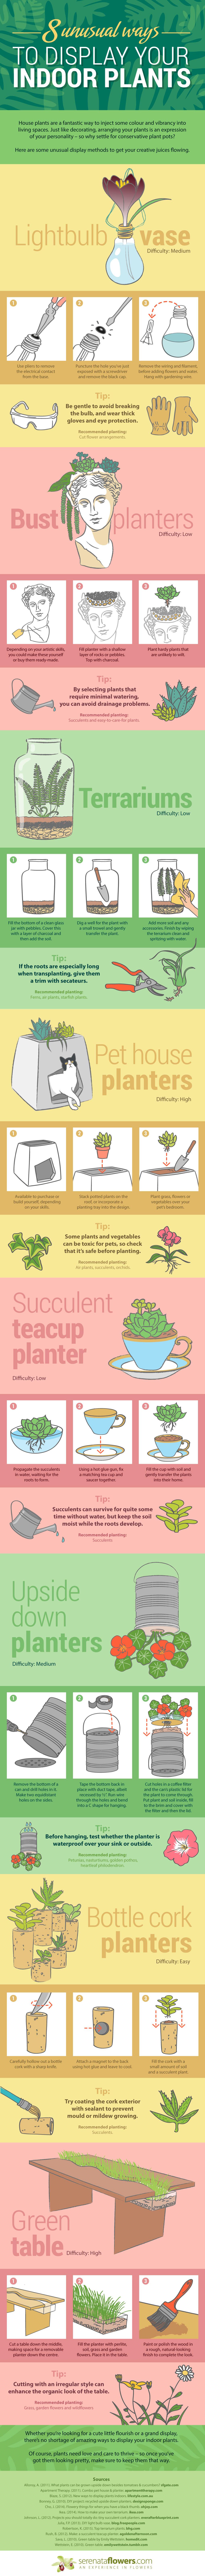 arrange-indoor-plants-flowers